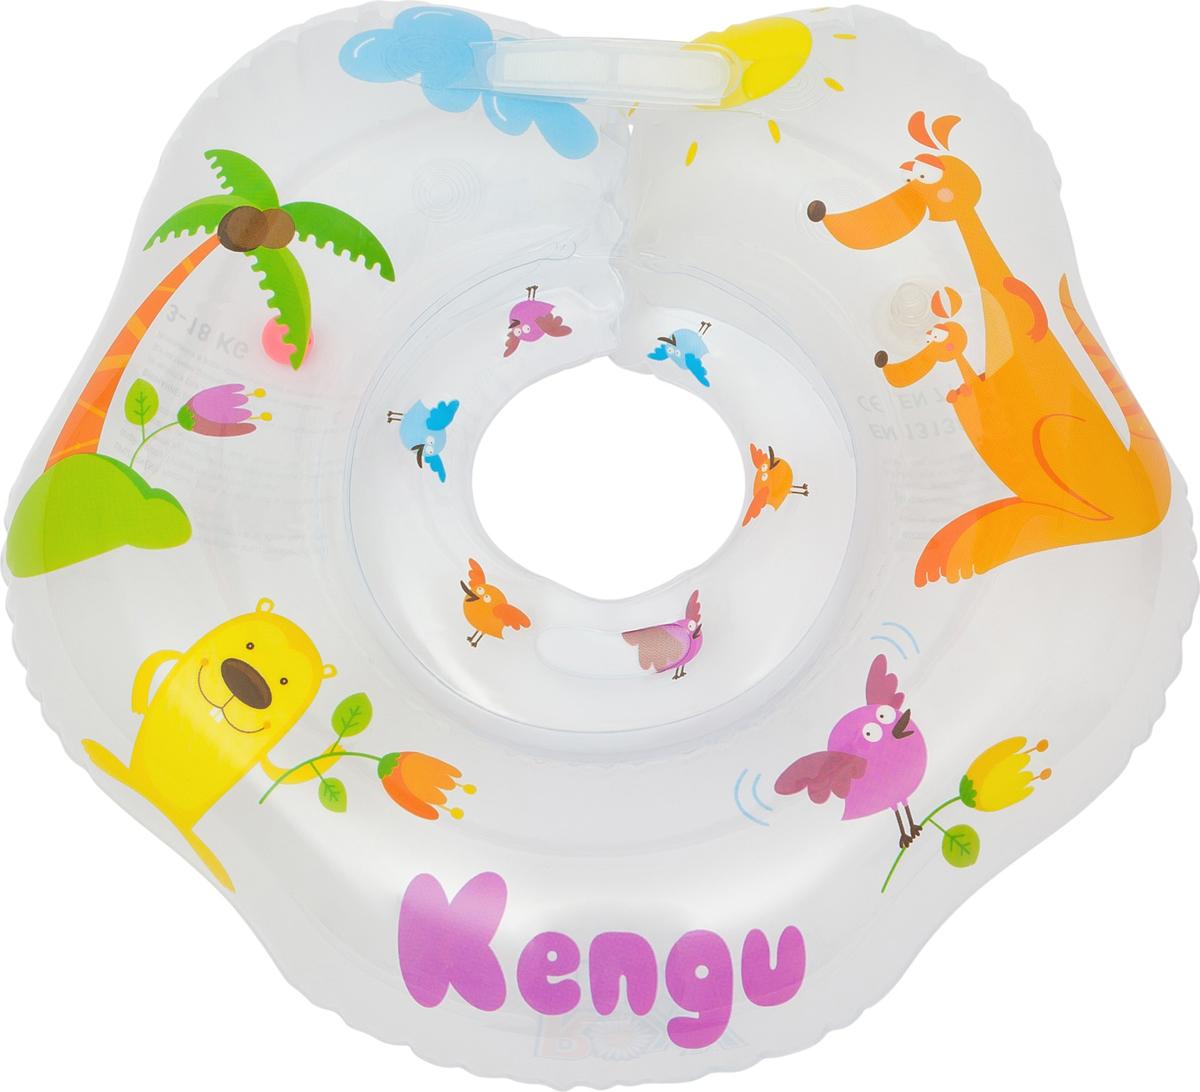 Roxy-kids Круг для купания Kengu roxy kids круг музыкальный на шею для купания flipper цвет розовый